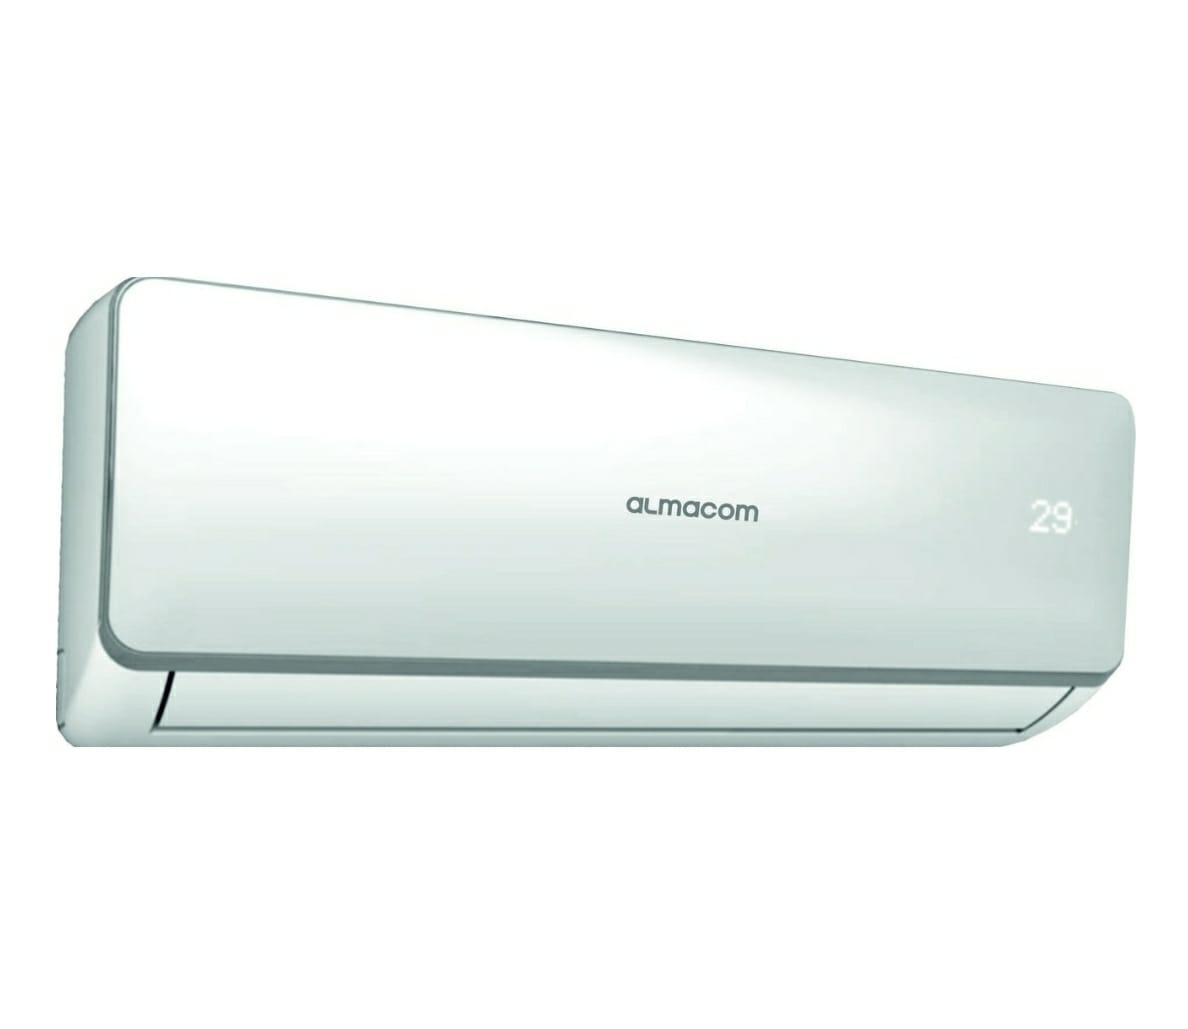 Настенный кондиционер Almacom ACH-09I, Inverter, 20-25 кв.м